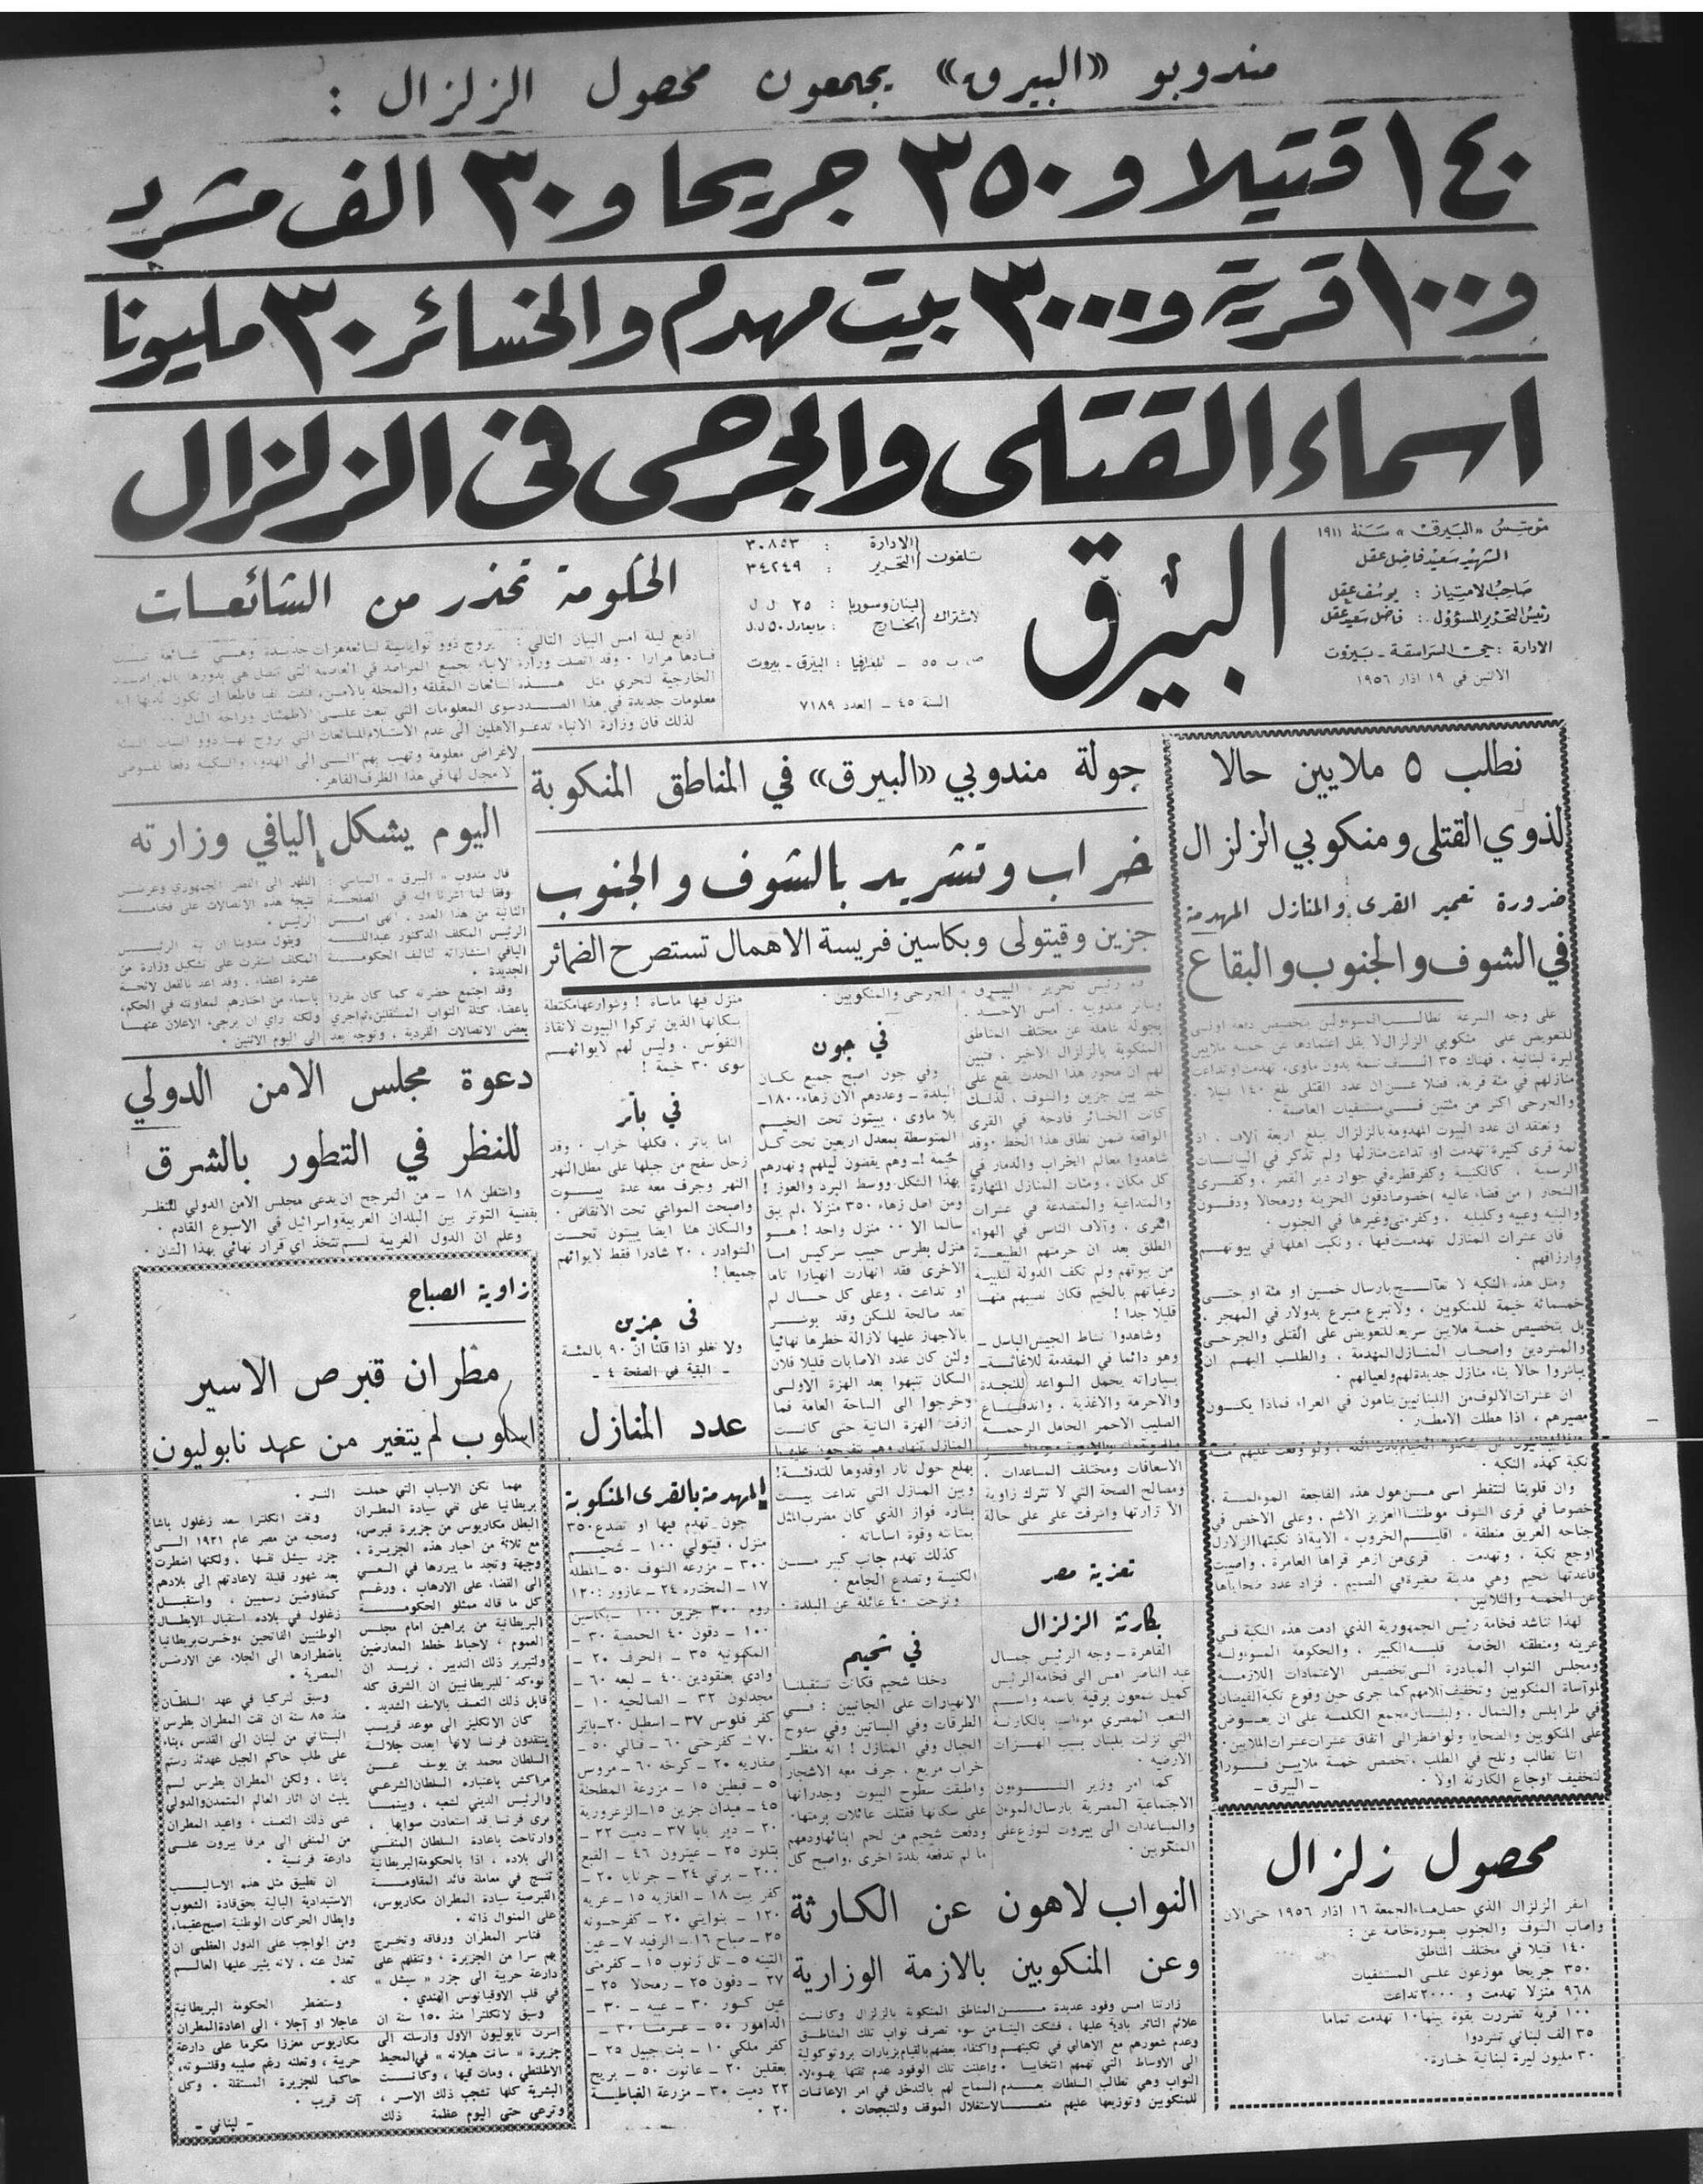 زلزال 1956… كارثة طبيعية تفضح هشاشة الدولة